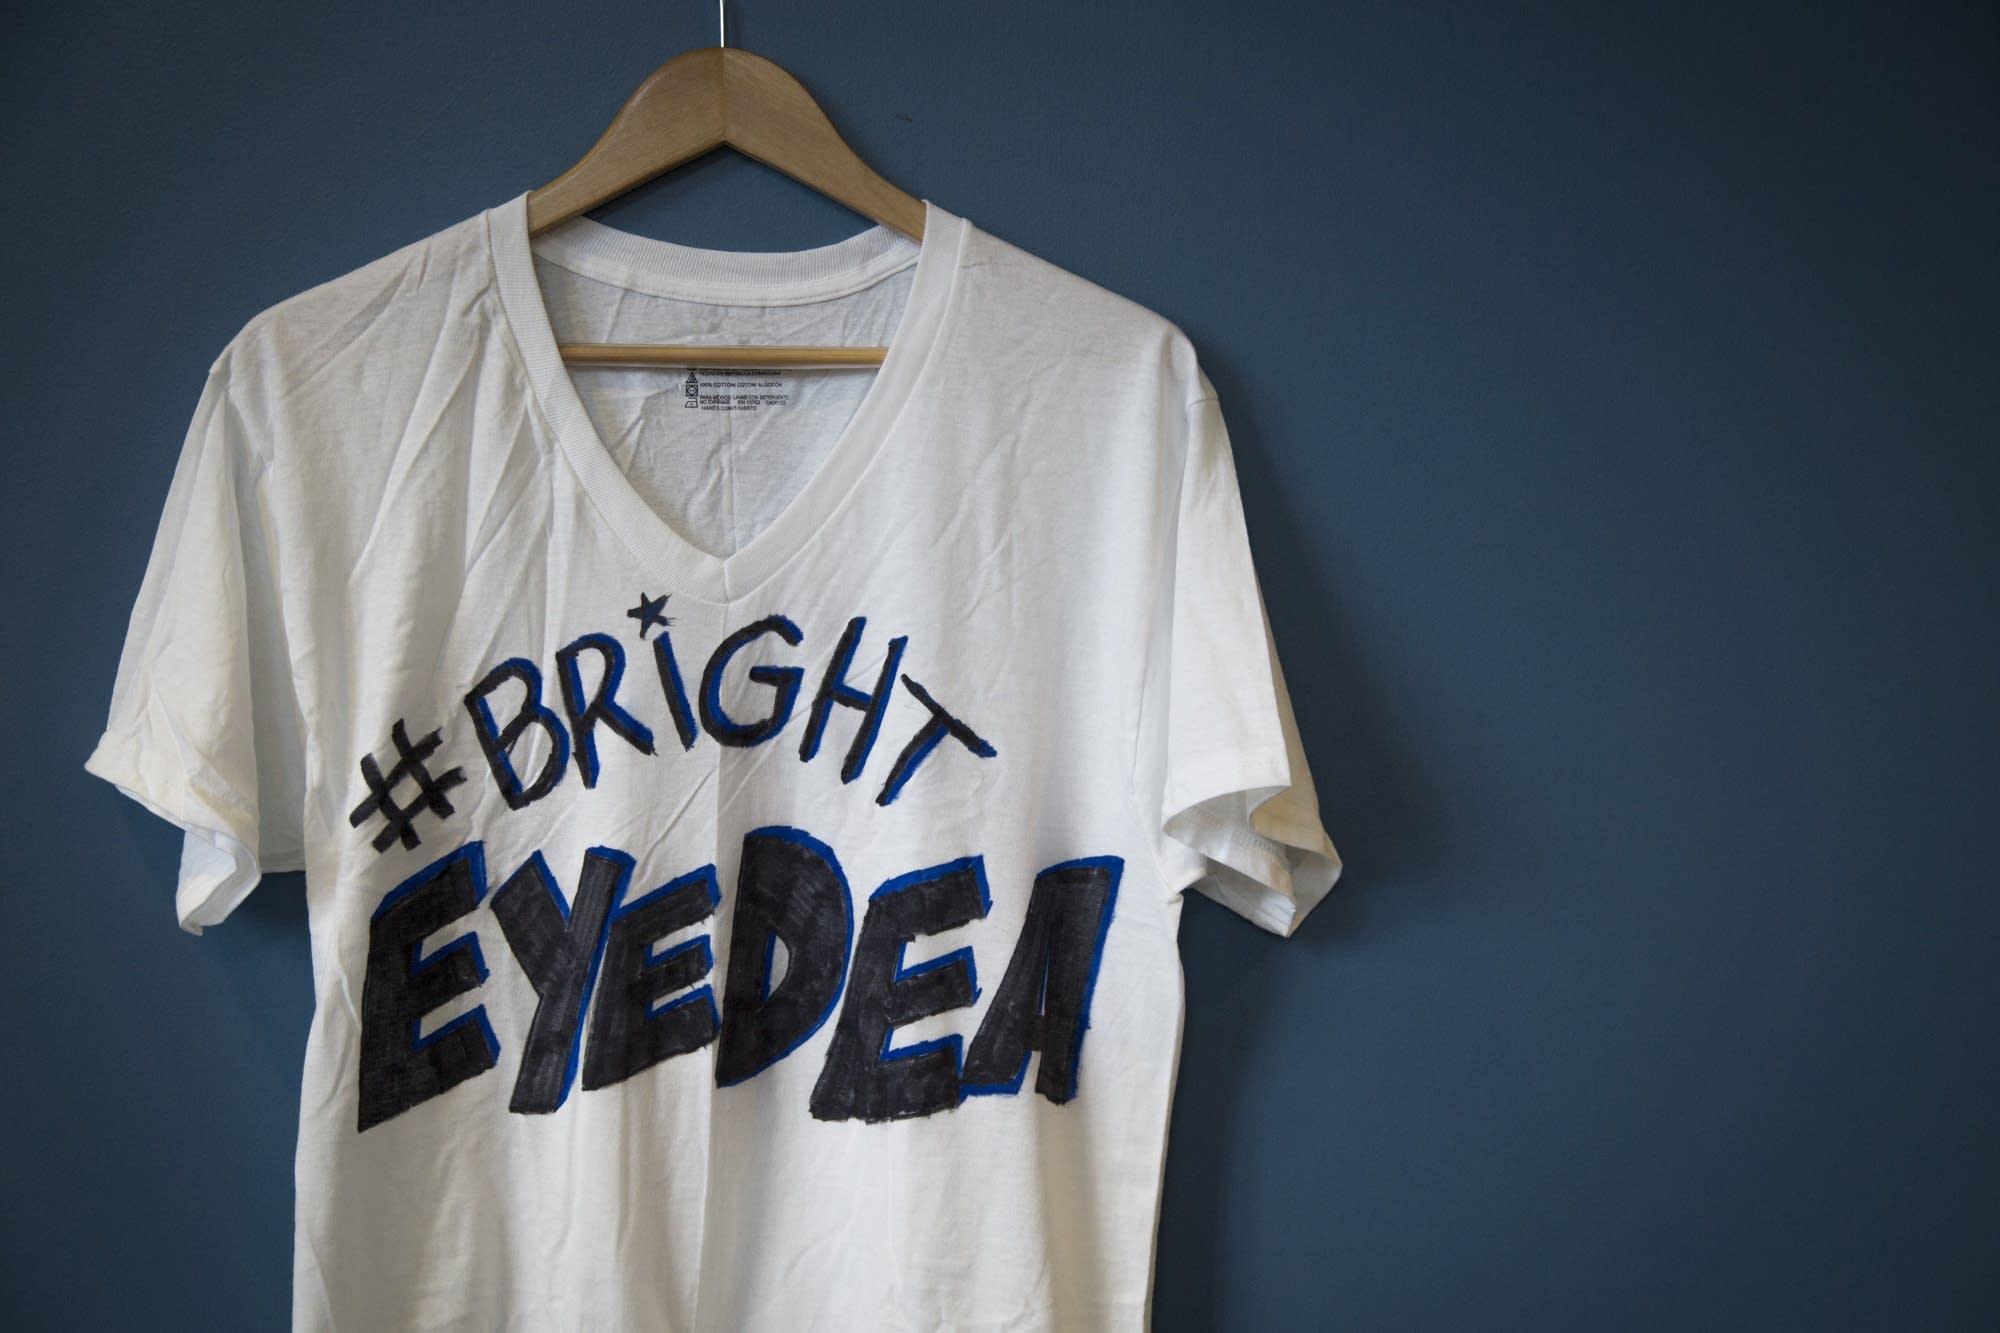 #BrightEyedea